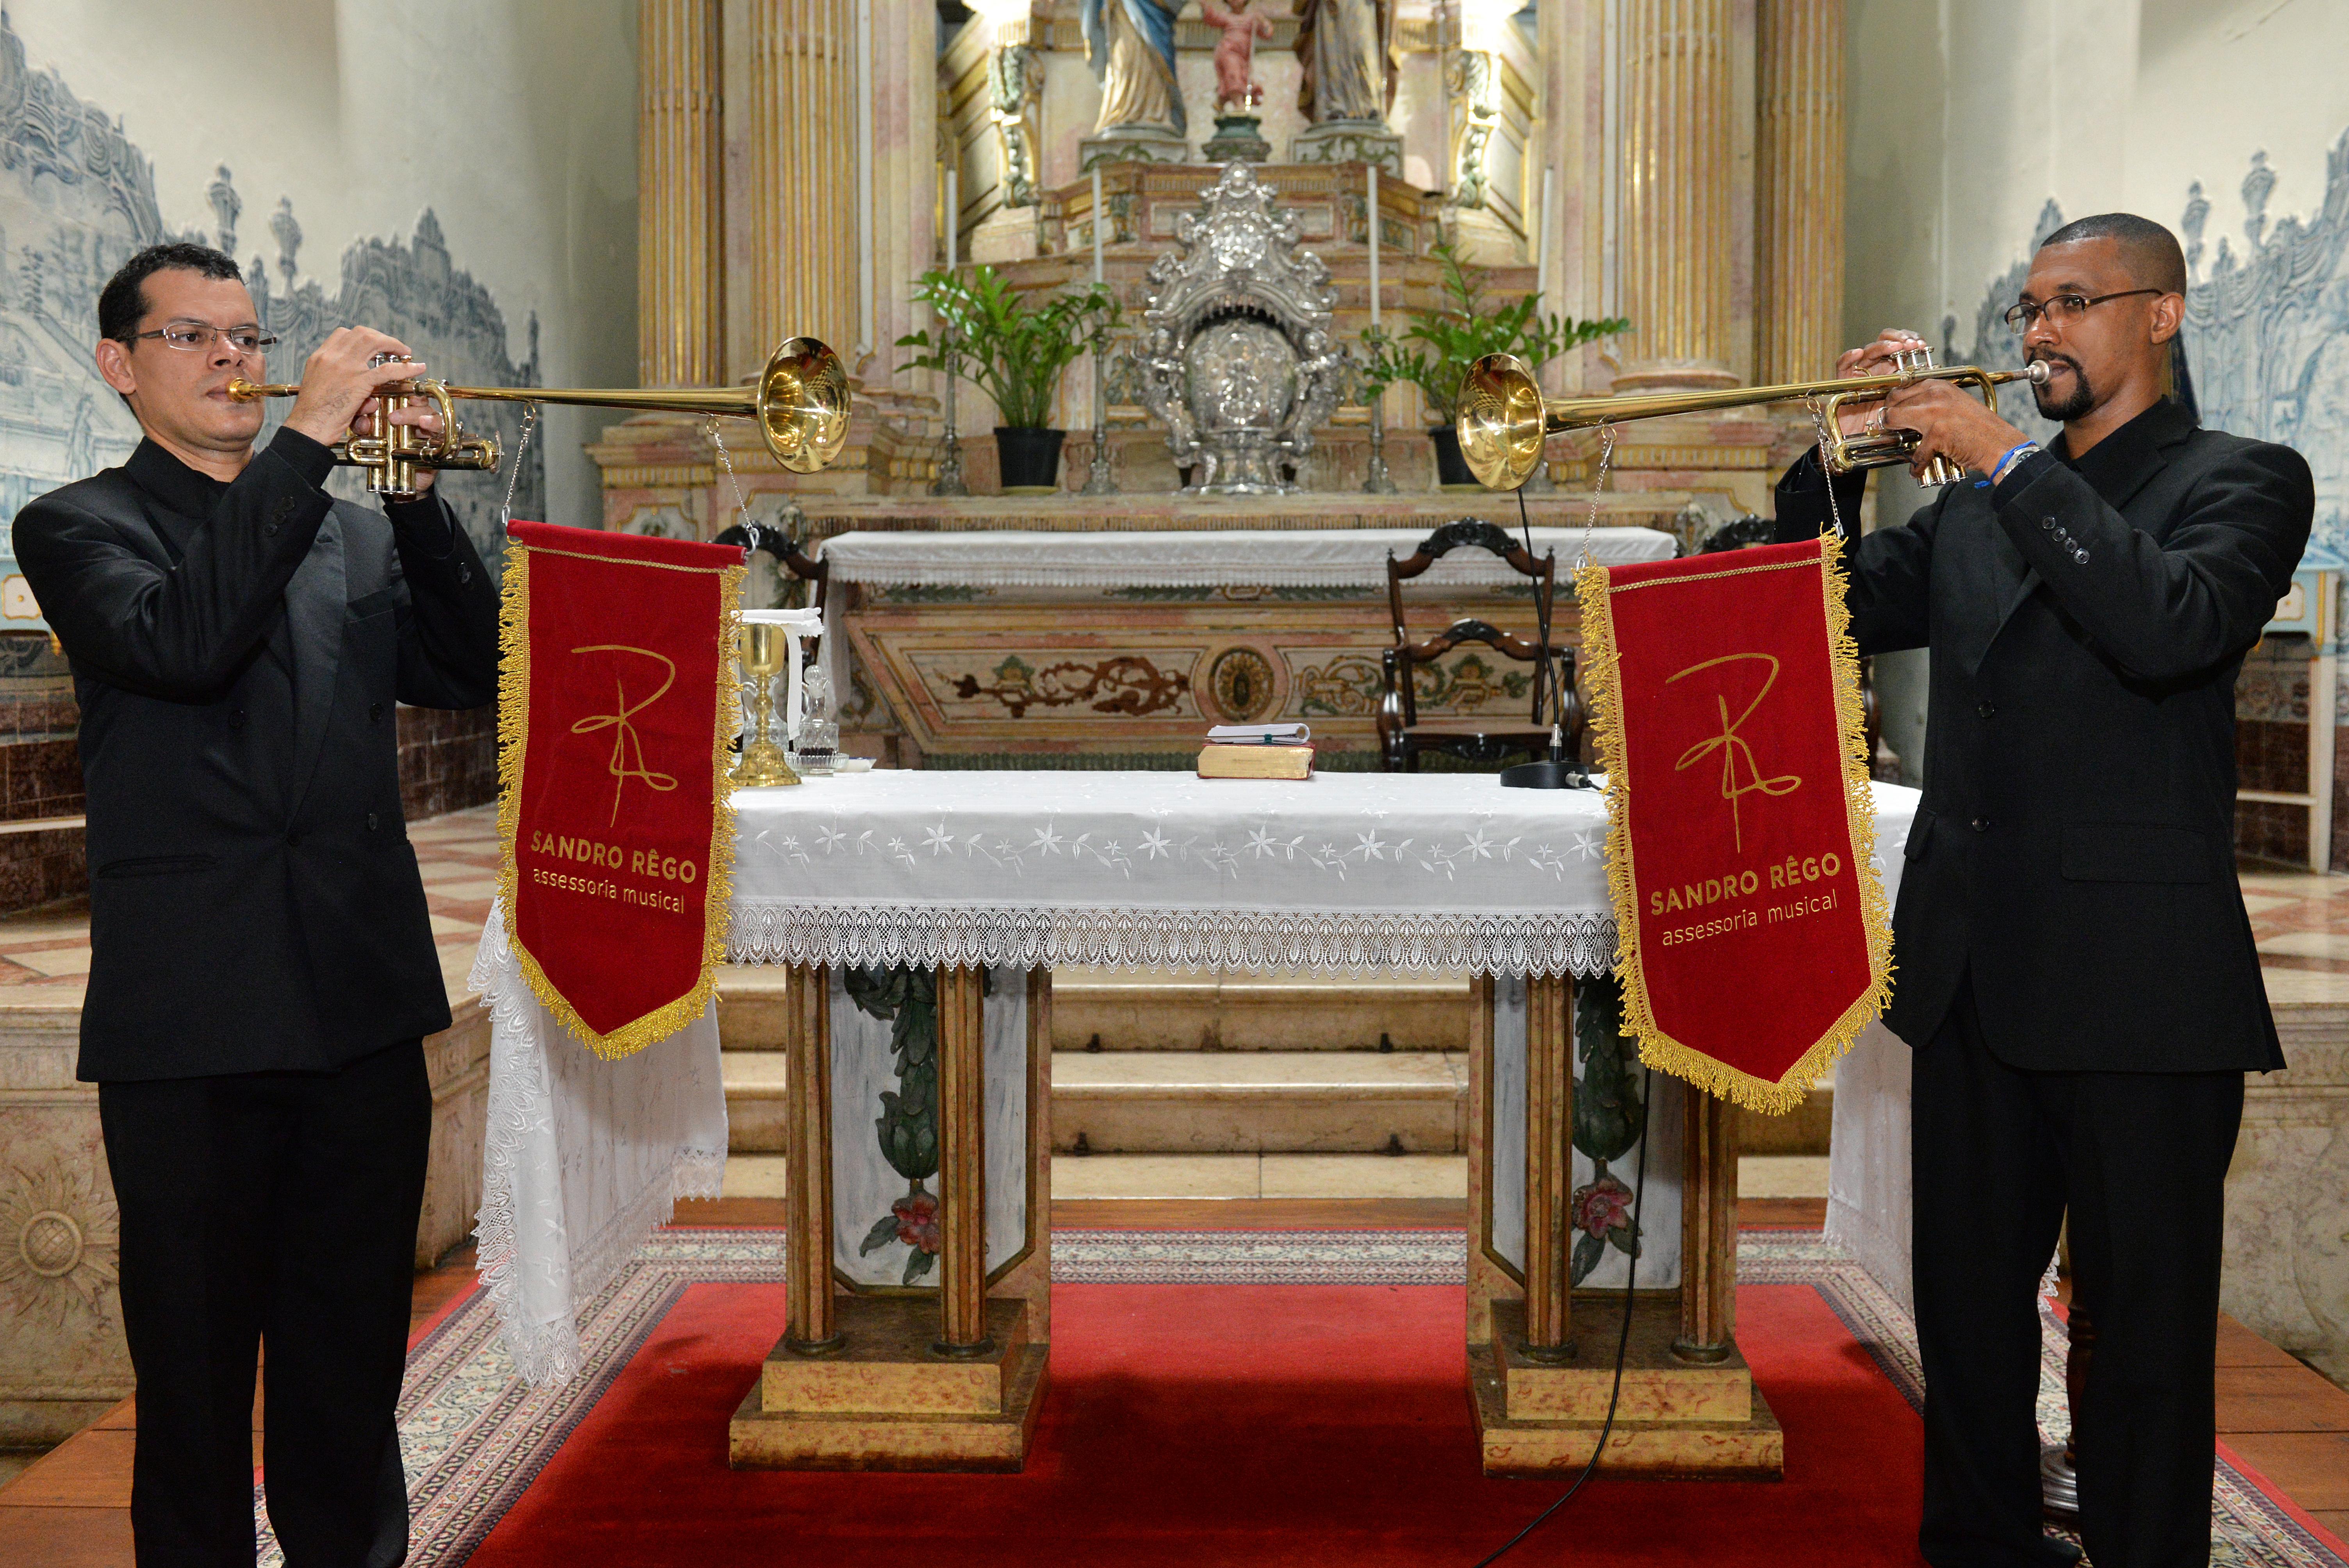 Convento do Desterro